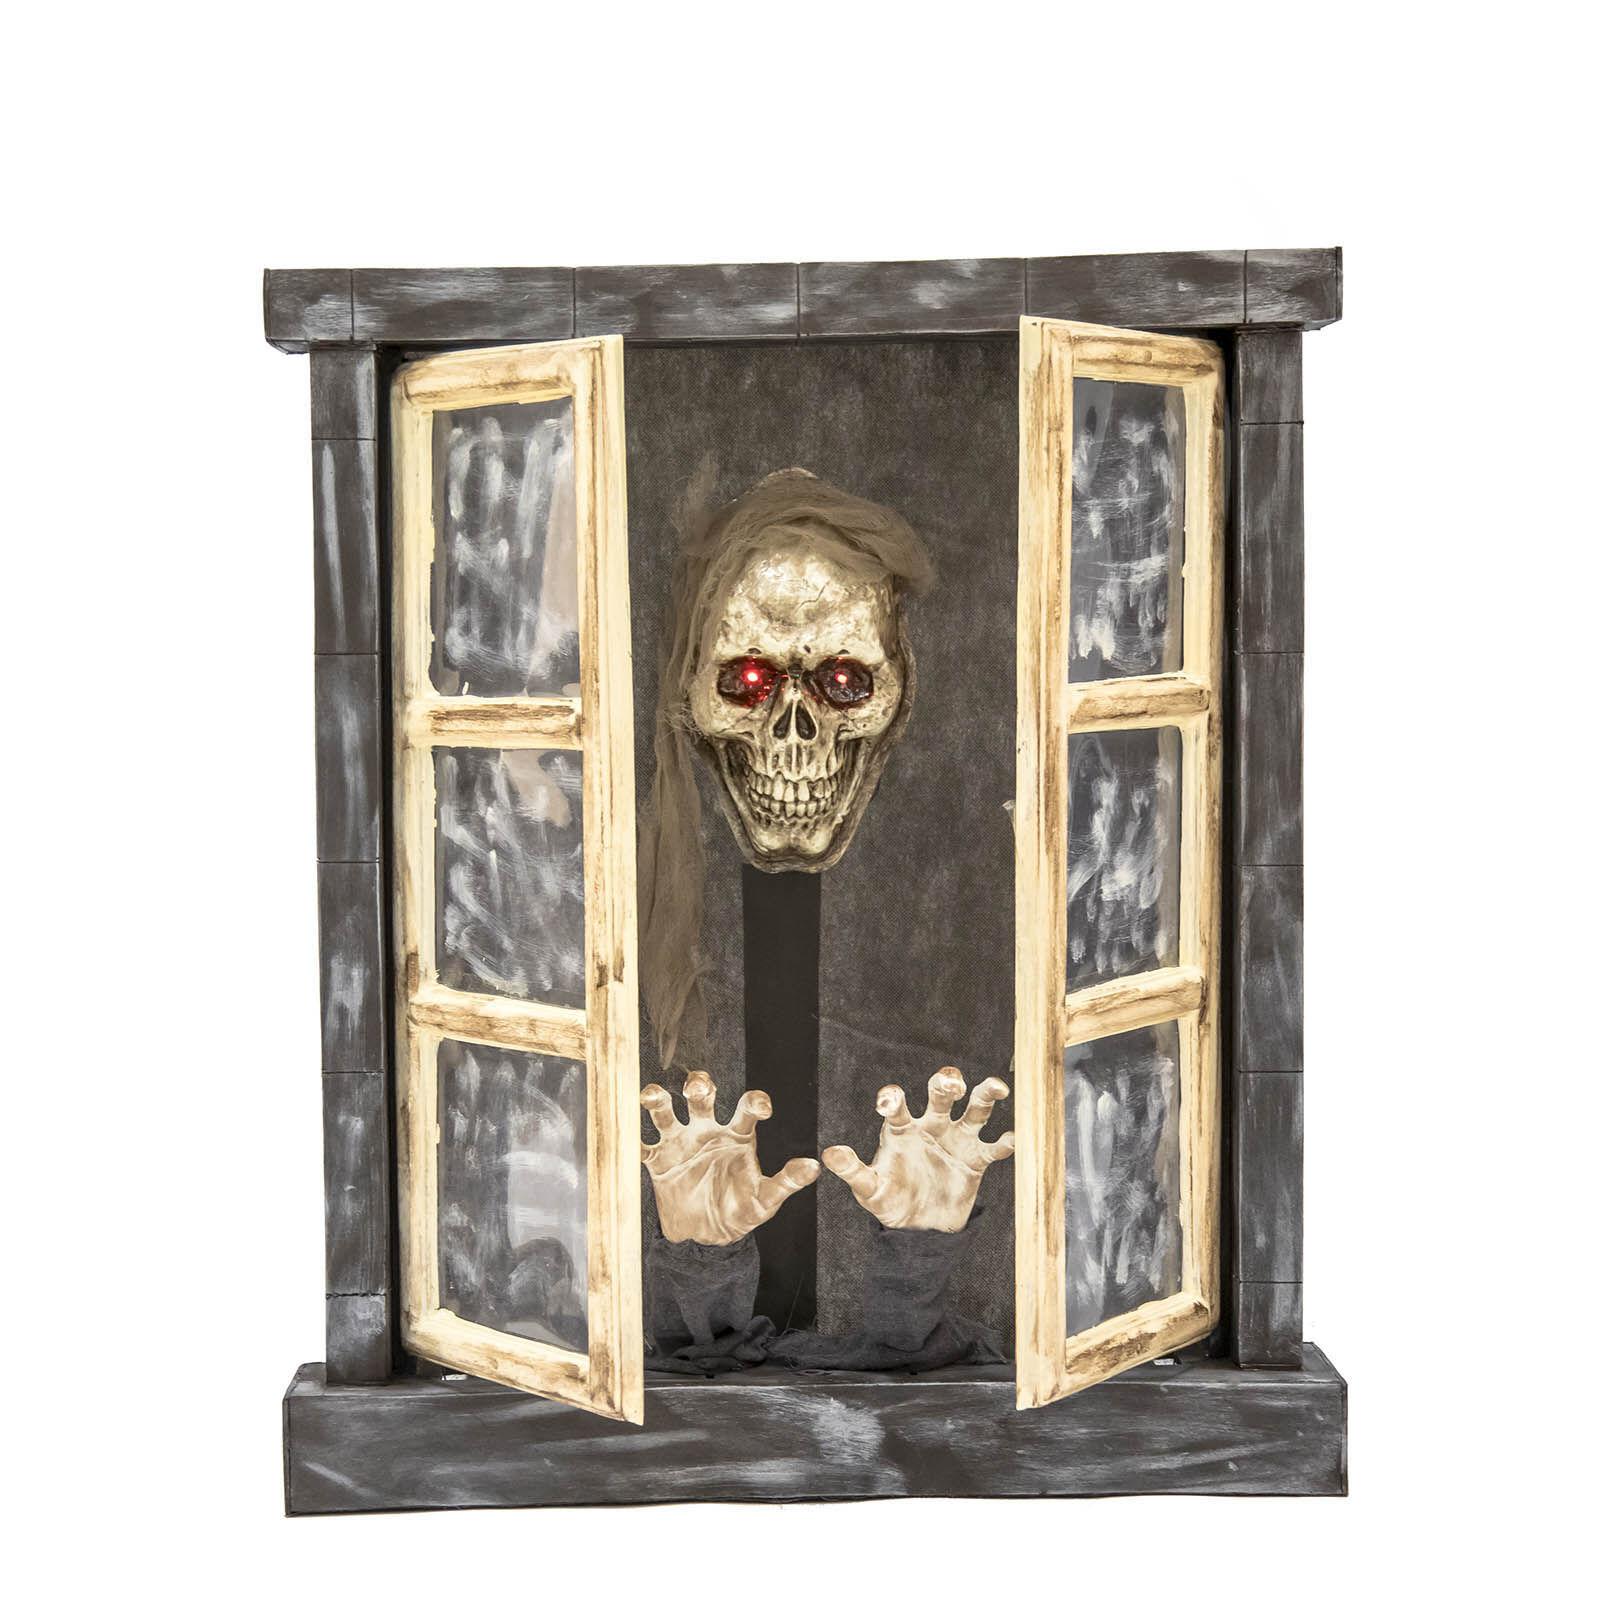 LOLA home Ventana encantado para Halloween goma eva de 72x13x85 cm